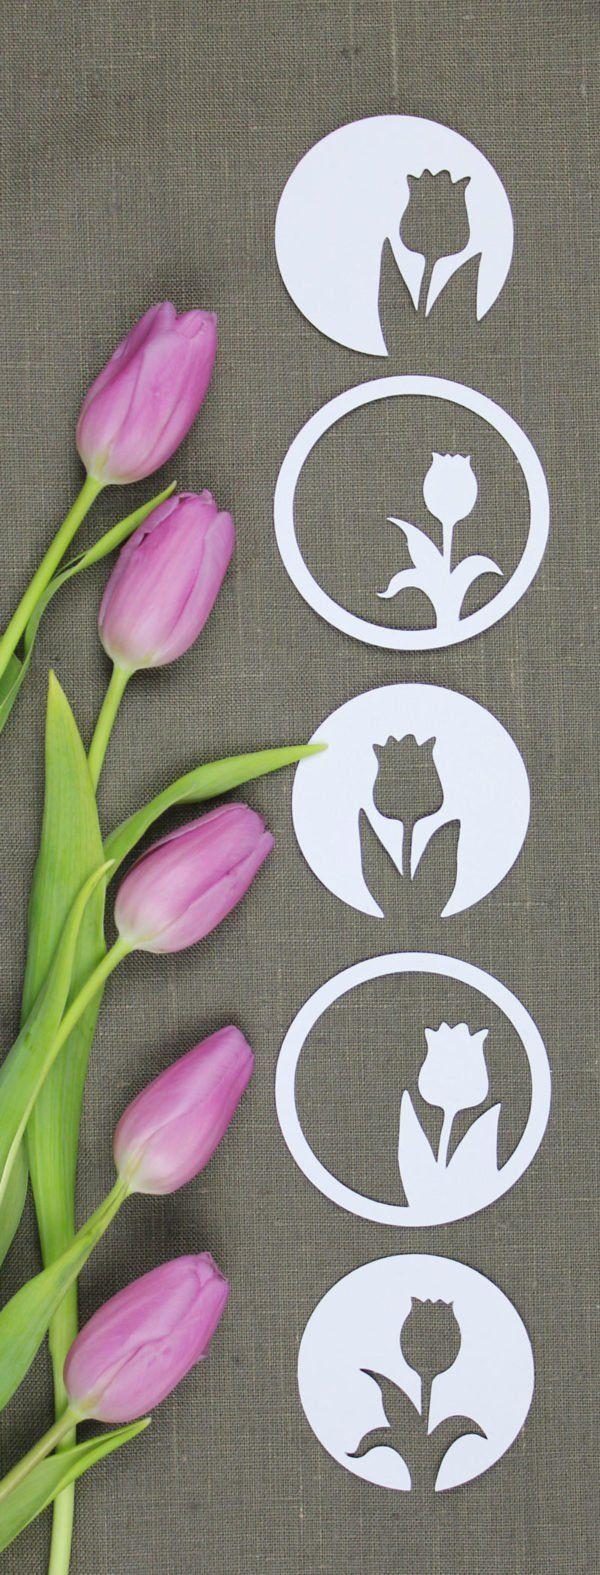 Erstaunlich 🌷🌷🌷 Tulpenzeit 🌷🌷🌷 [mit Vorlage | Basteln Mit Papier | Pinterest |  Die Tulpe, Schneeglöckchen Und Tulpe